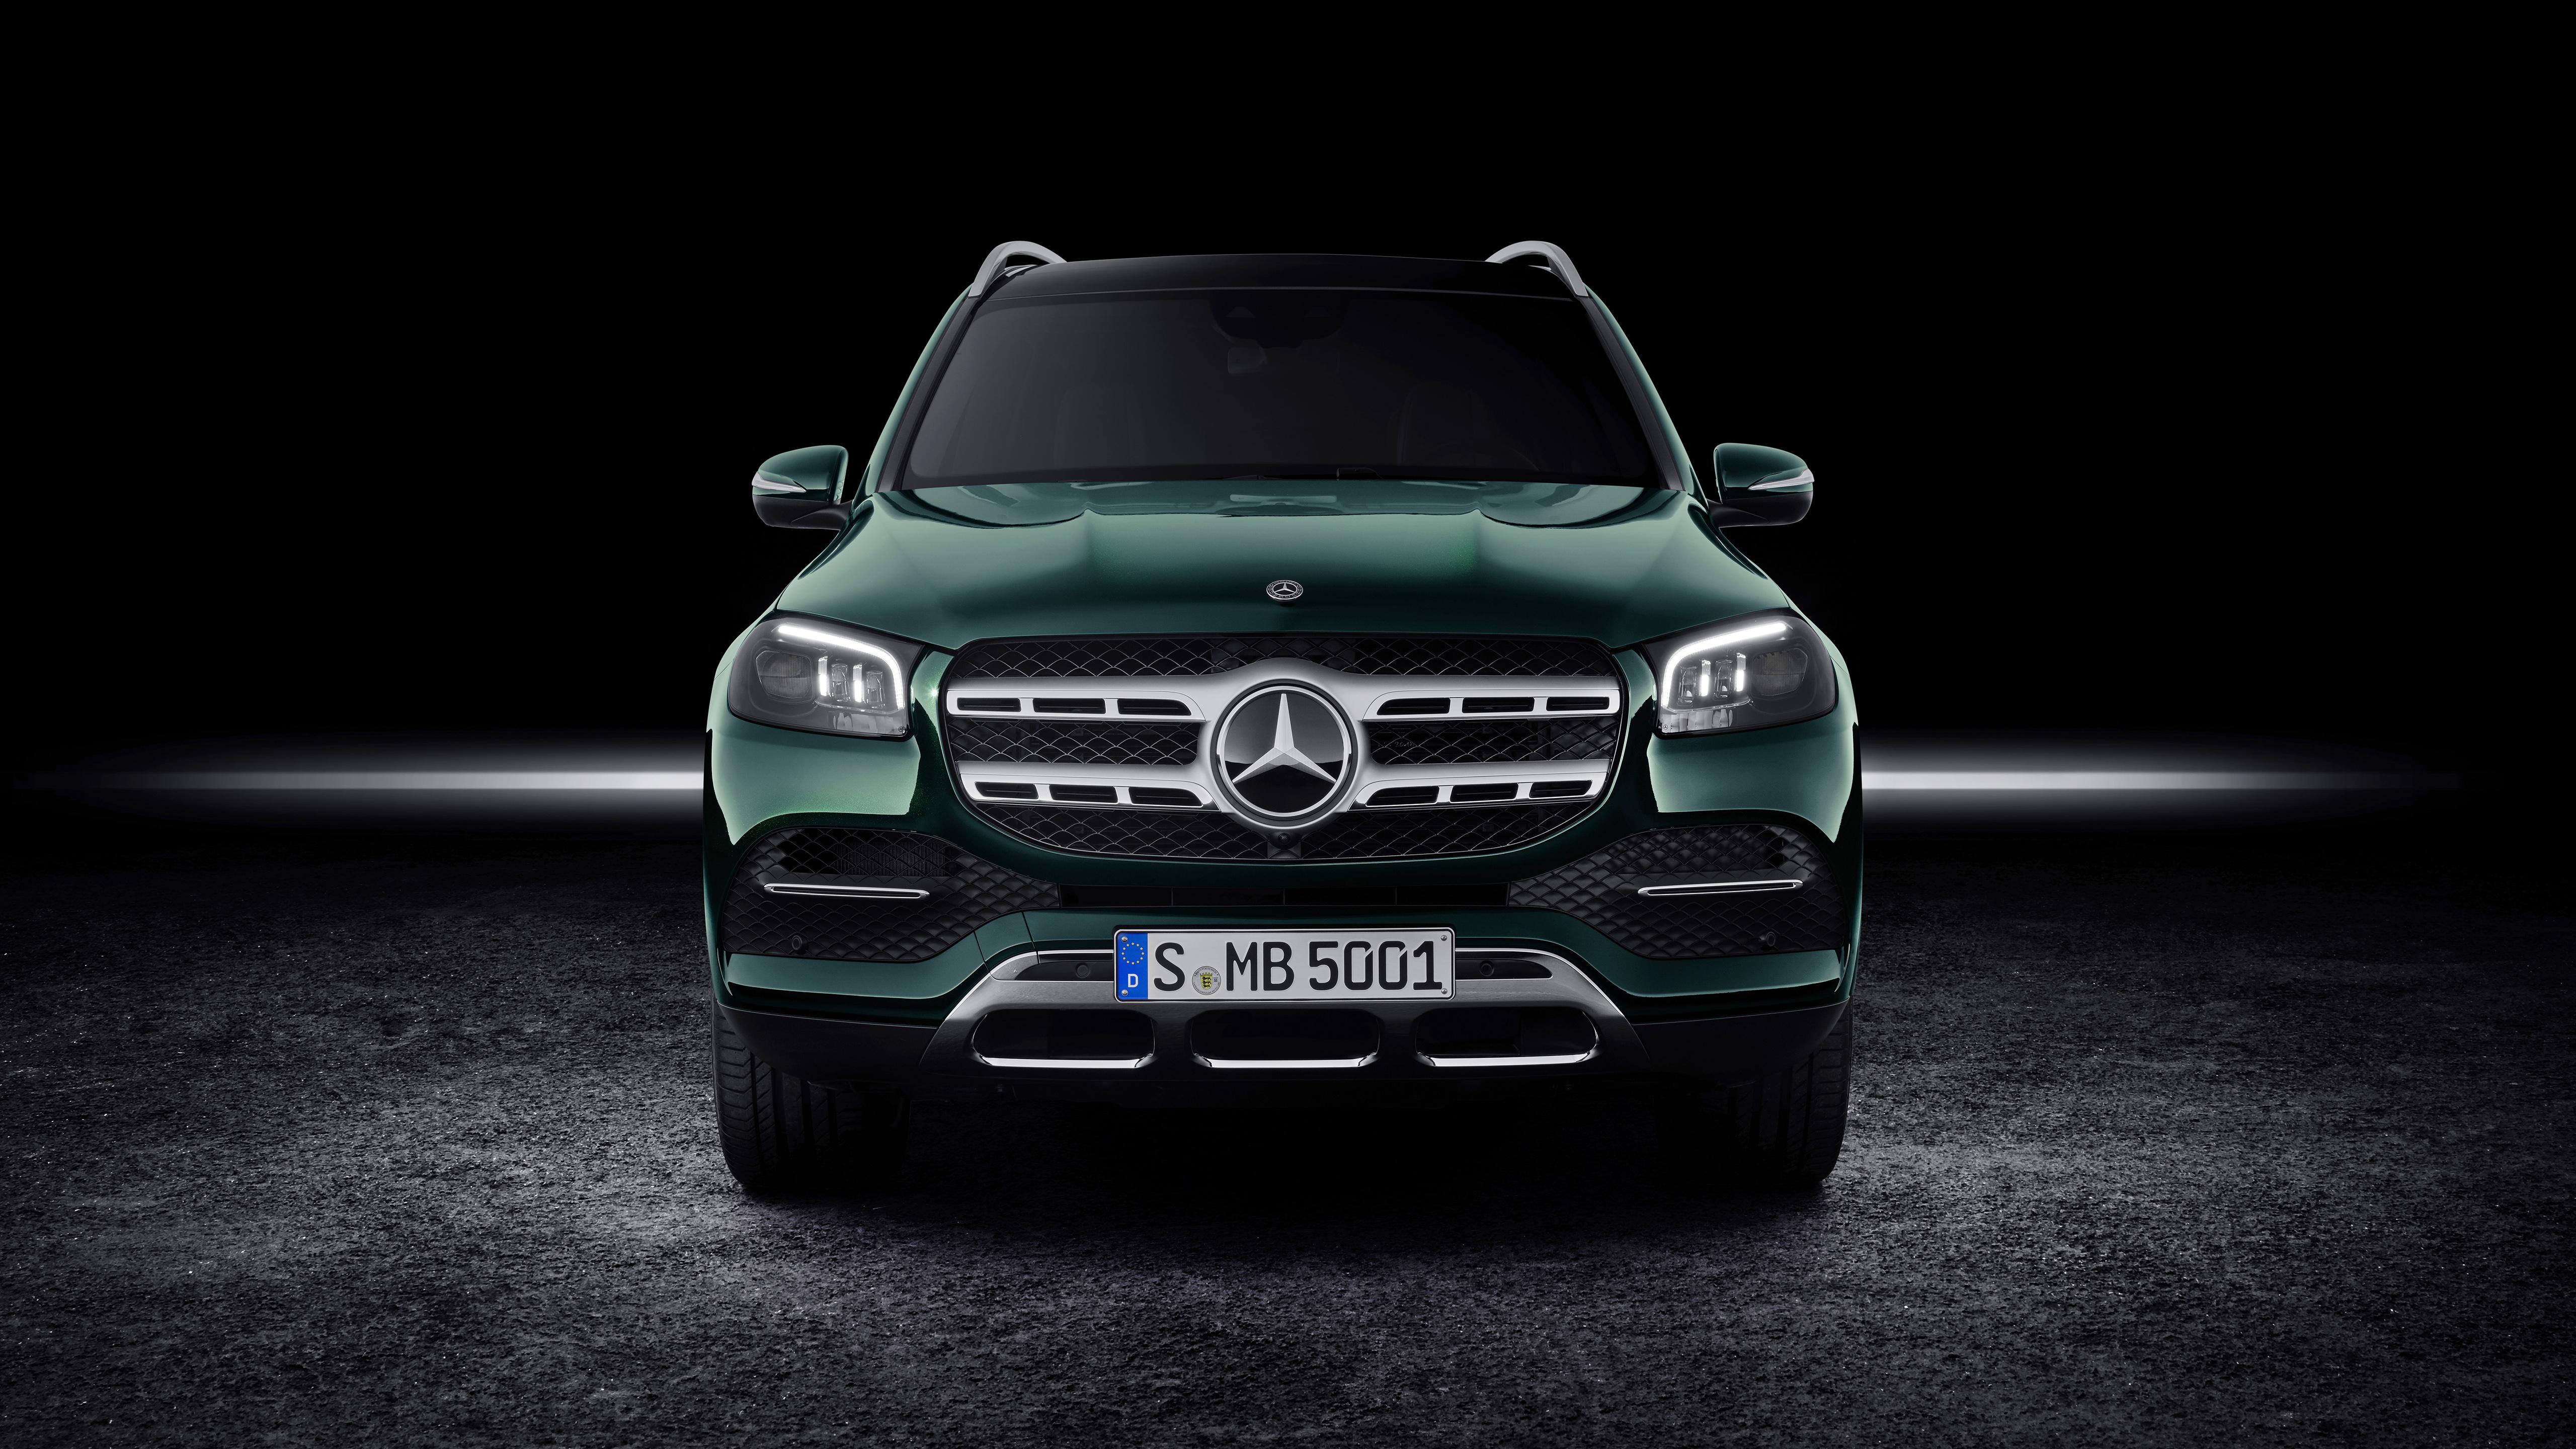 Mercedes-Benz GLS 580 4MATIC 2019 5K